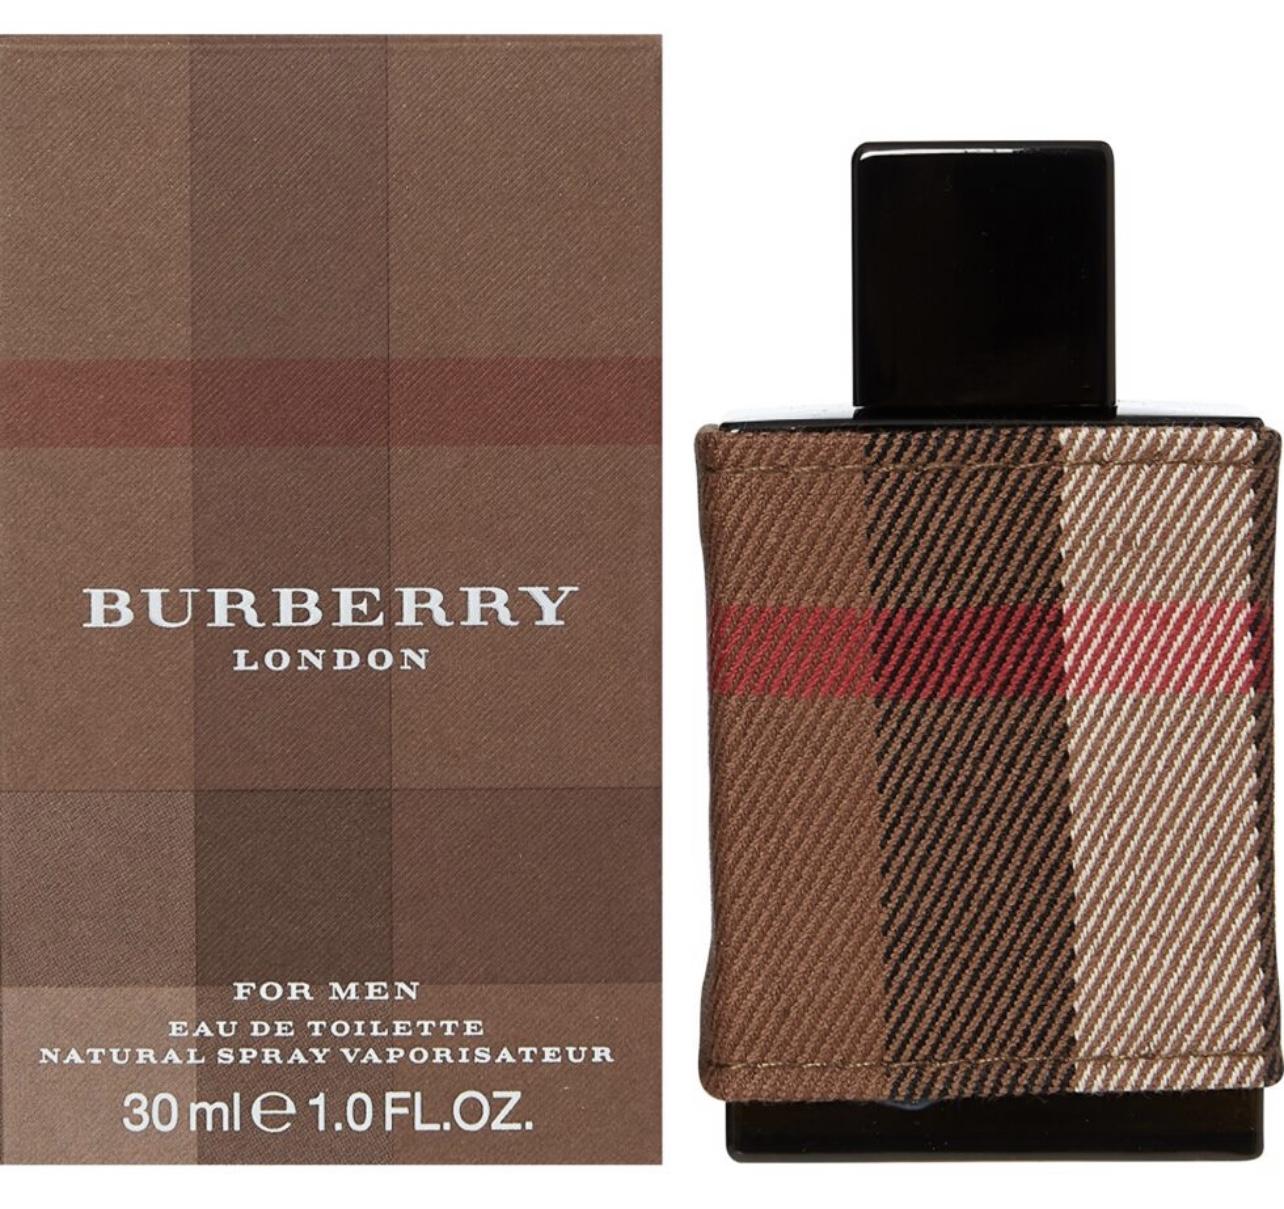 BURBERRY  (men)